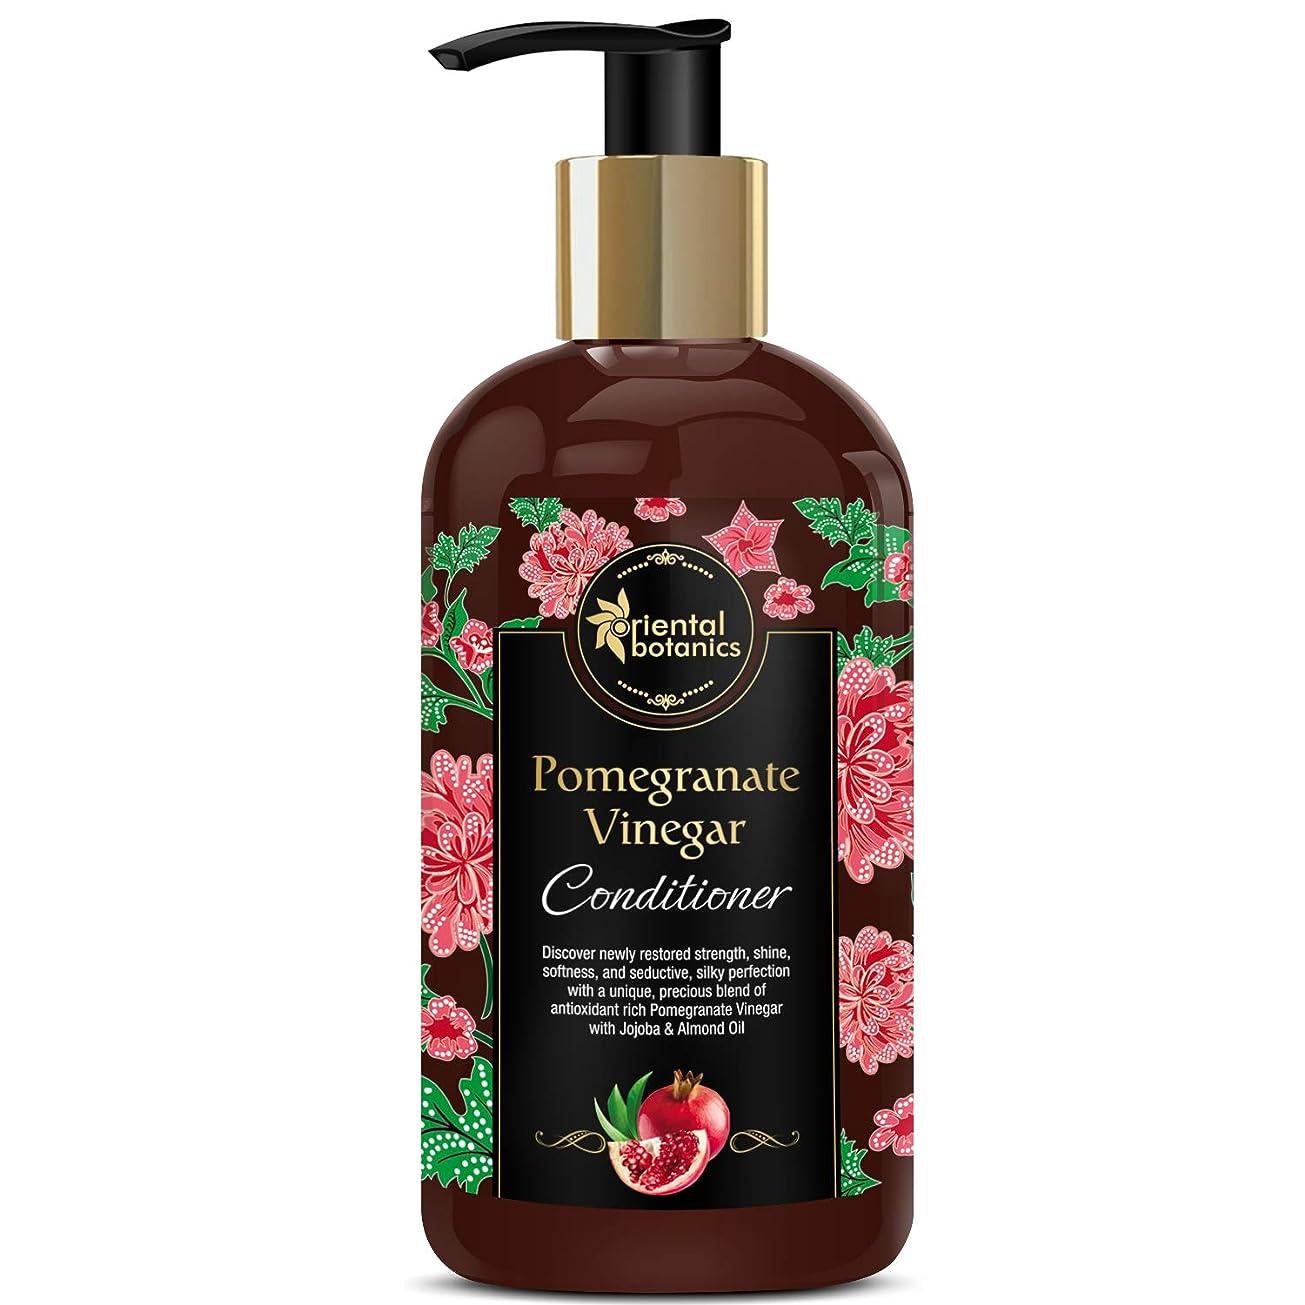 ダウンスティックバリーOriental Botanics Pomegranate Vinegar Conditioner - For Healthy, Strong Hair with Antioxidant Boost & Golden Jojoba Oil, 300ml